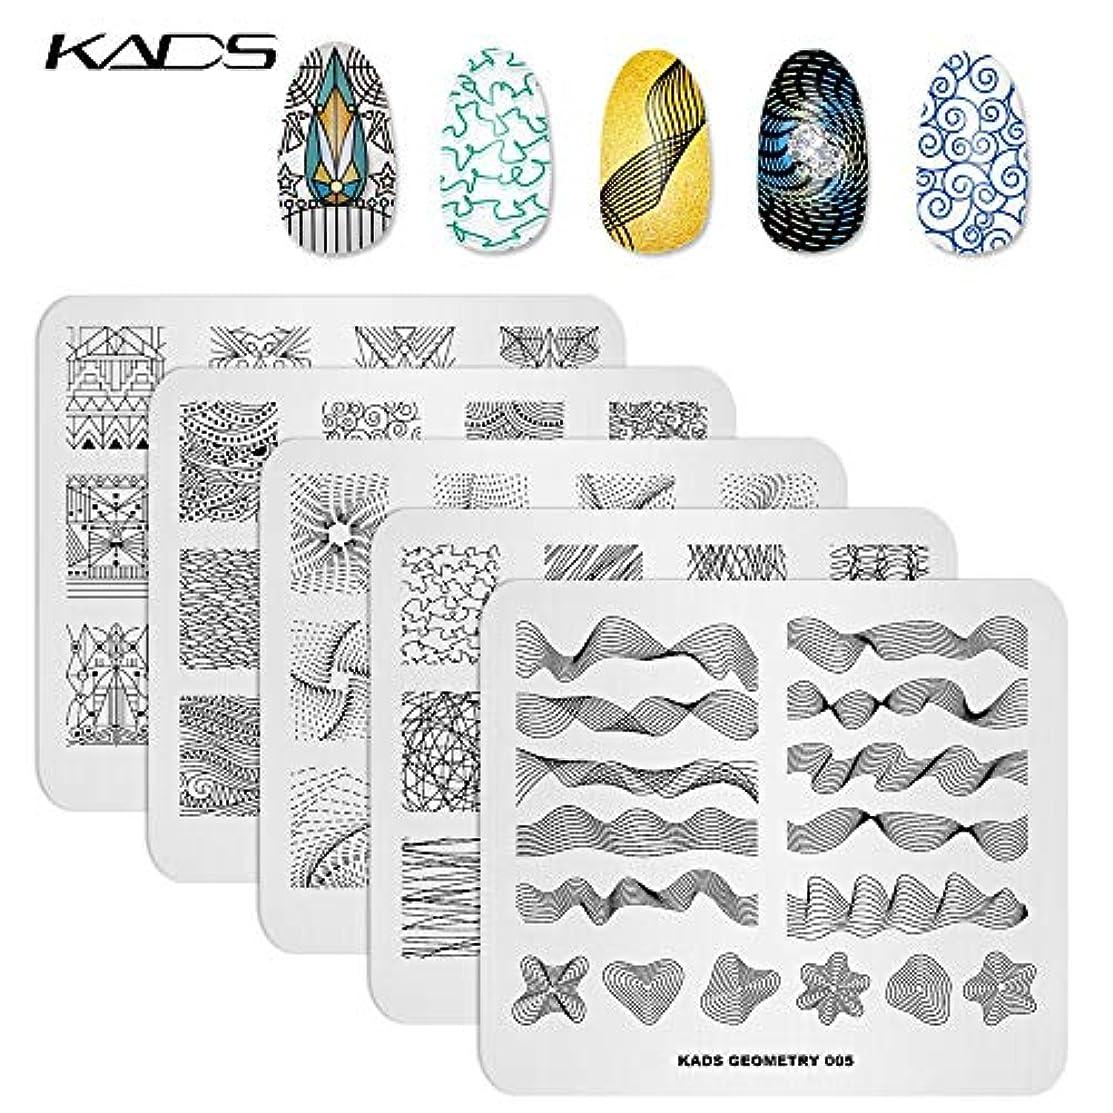 できた力意志KADS スタンピングプレート5枚セット 美しい花柄/ライン/不規則図案 ネイルステンシル ネイルアートツール ネイルデザイン用品 (セット4)